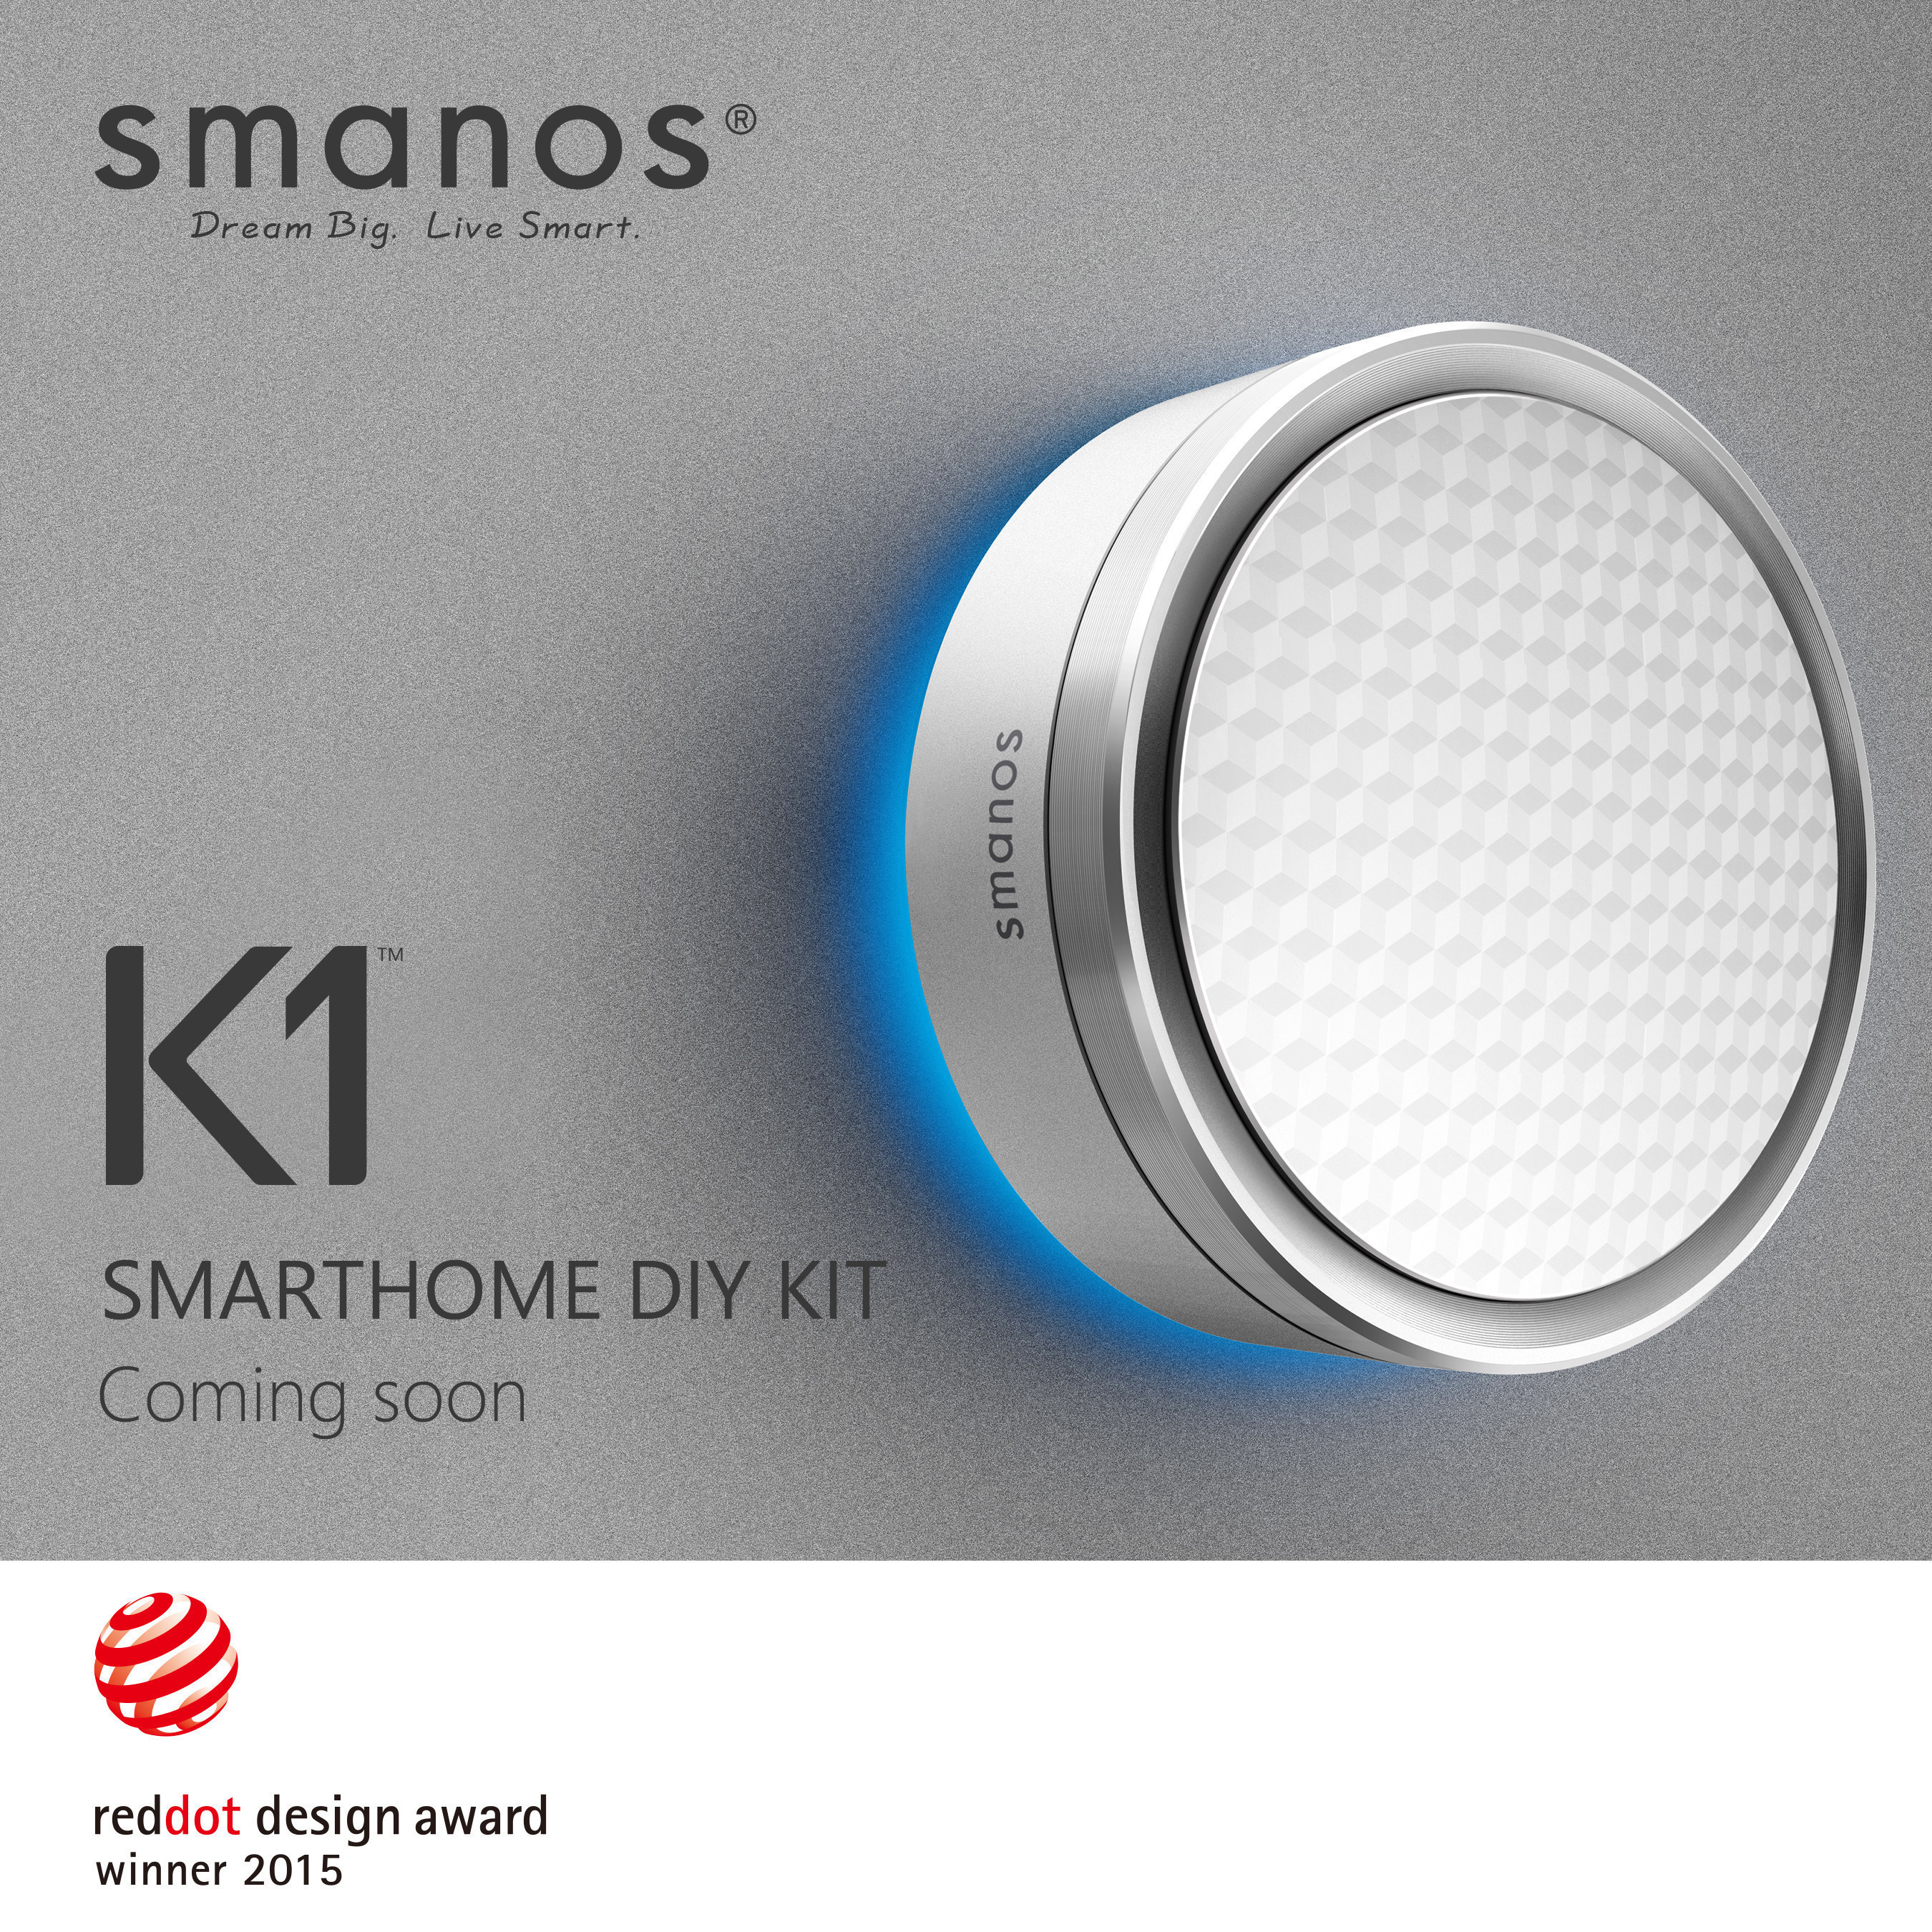 Der Smart Home-Guru smanos wird für das K1 SmartHome DIY Kit mit dem Red Dot Award 2015